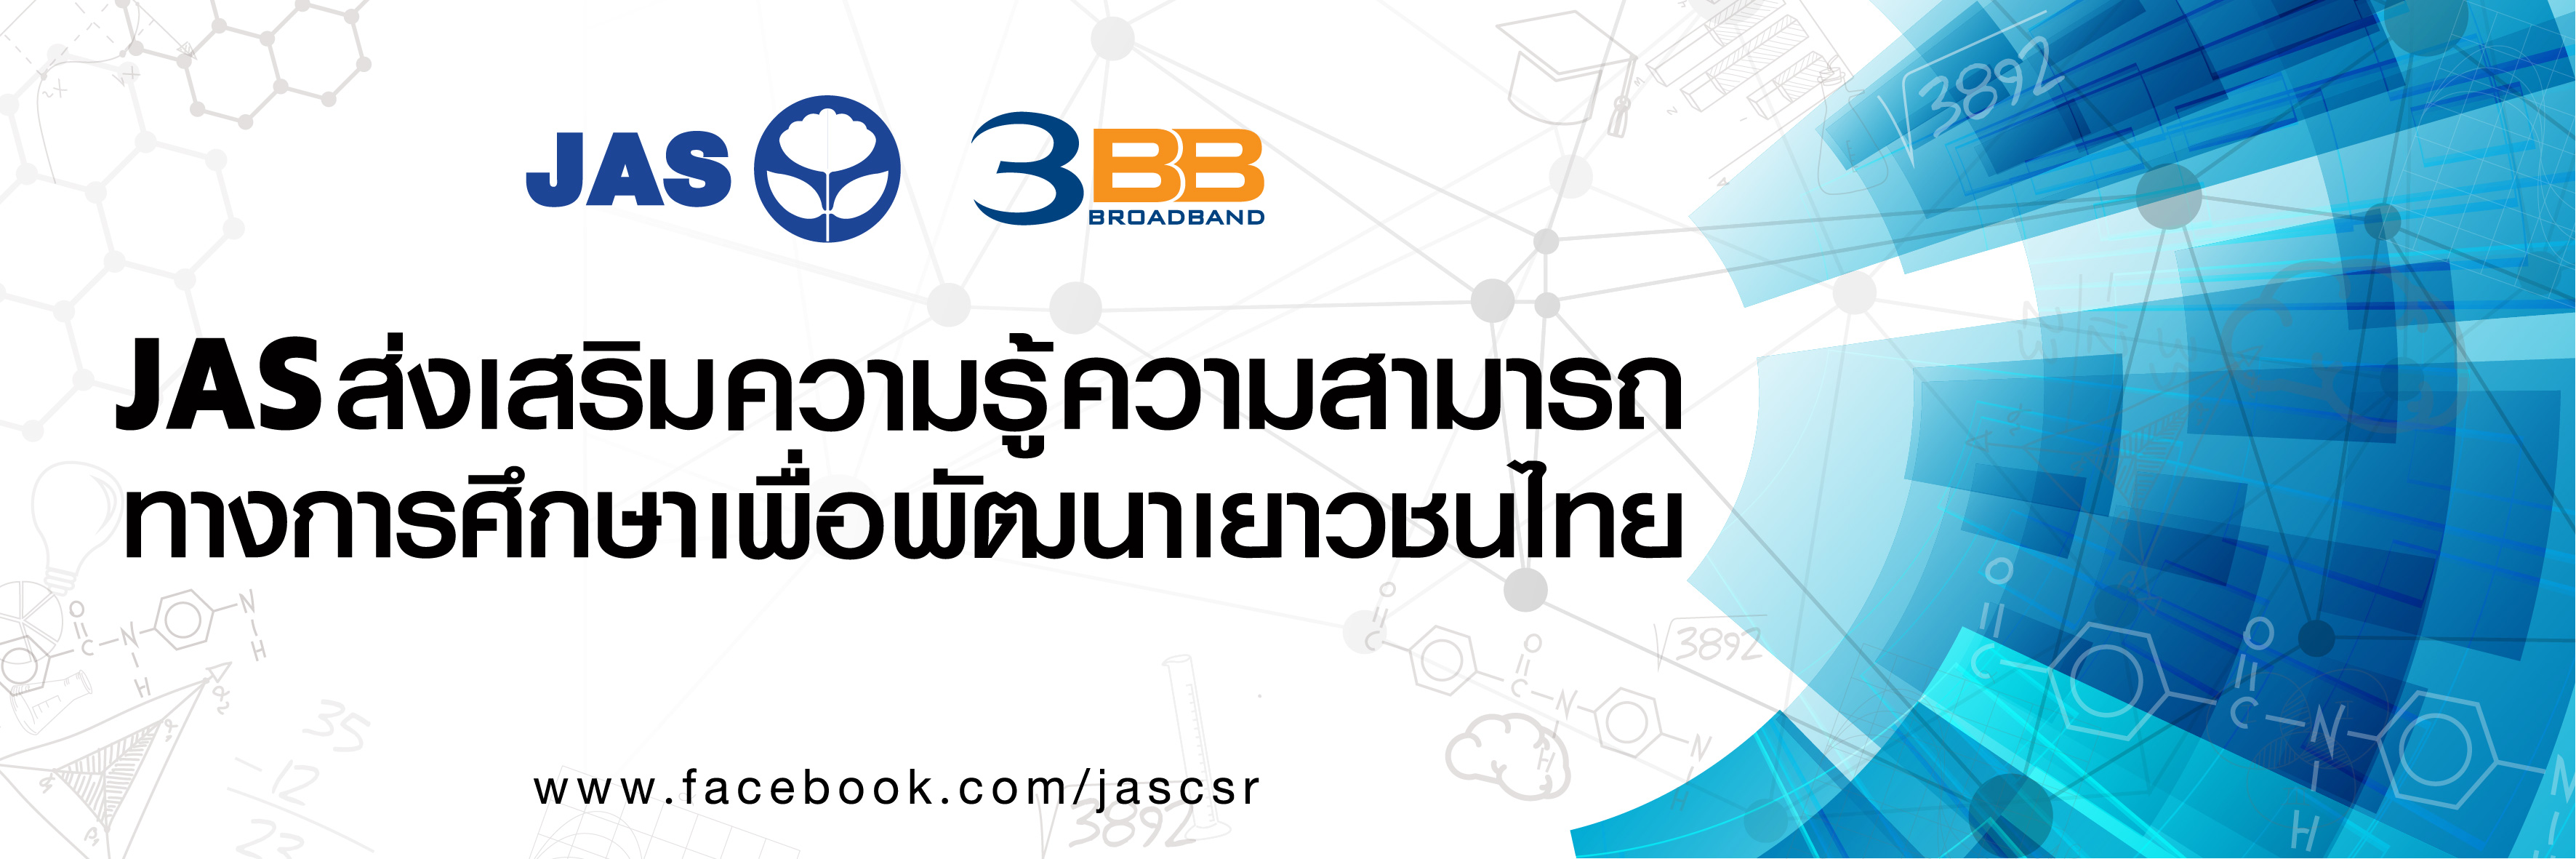 JAS ส่งเสริมความรู้ความสามารถทางการศึกษา เพื่อพัฒนาเยาวชนไทย